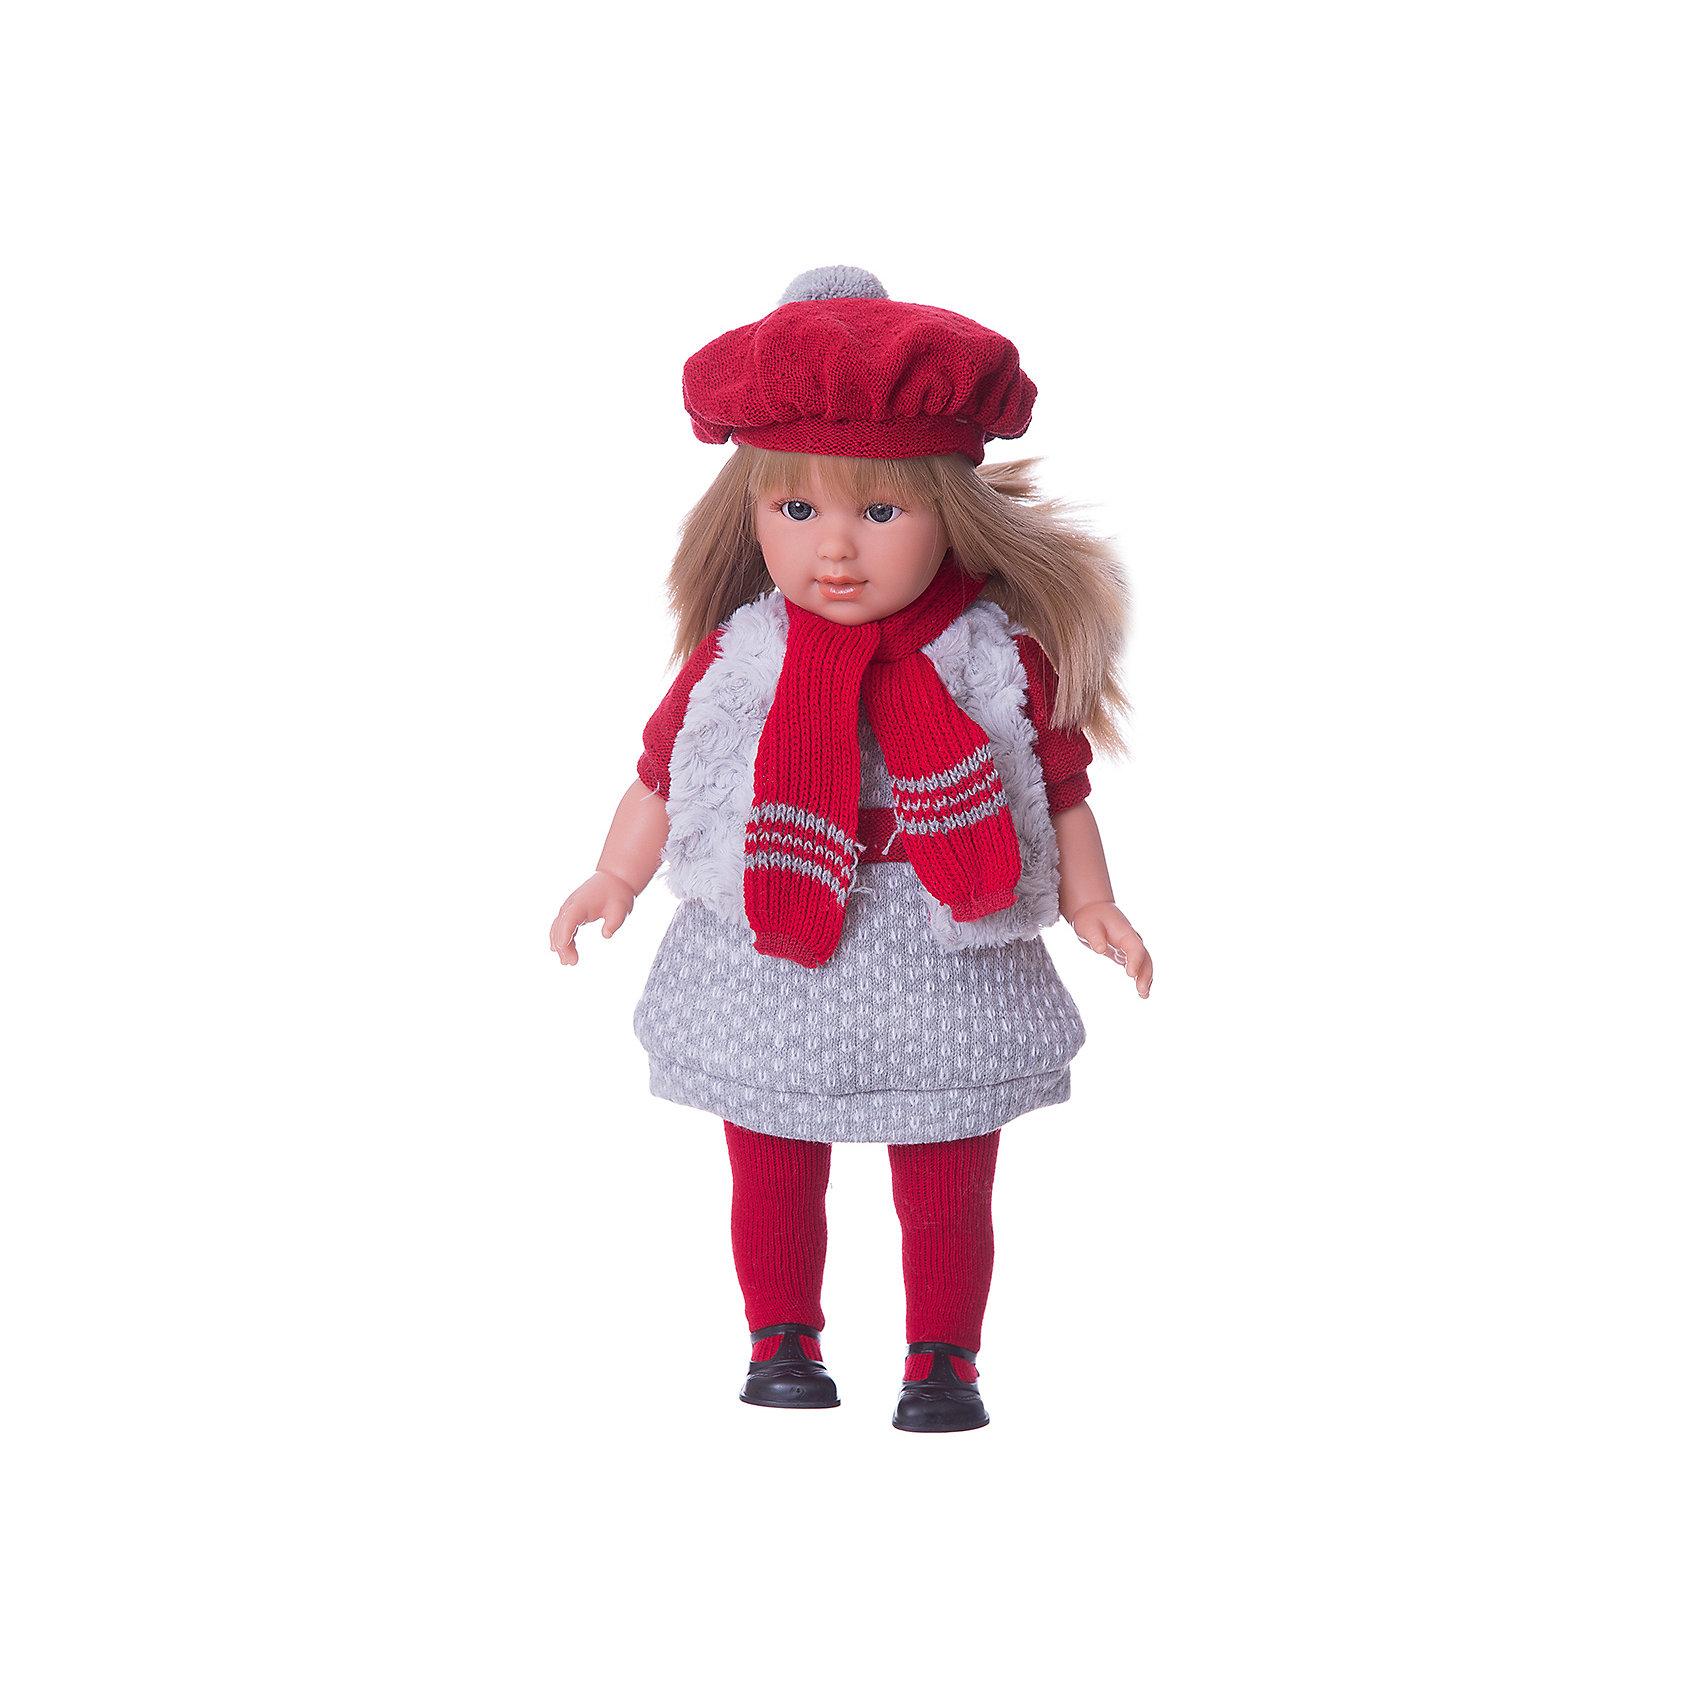 Кукла  Мартина, 40 см, LlorensБренды кукол<br>Характеристики:<br><br>• Предназначение: для сюжетно-ролевых игр<br>• Тип куклы: мягконабивная<br>• Пол куклы: девочка <br>• Цвет волос: блондинка<br>• Материал: поливинилхлорид, пластик, нейлон, текстиль<br>• Цвет: серый, красный<br>• Высота куклы: 40 см<br>• Комплектация: кукла, платье, меховая жилетка, берет, шарф, колготки, туфли<br>• Вес: 1 кг 200 г<br>• Размеры упаковки (Д*В*Ш): 23*46*13 см<br>• Упаковка: подарочная картонная коробка <br>• Особенности ухода: допускается деликатная стирка без использования красящих и отбеливающих средств предметов одежды куклы<br><br>Кукла Мартина 40 см – кукла, производителем которого является всемирно известный испанский кукольный бренд Llorens. Куклы этой торговой марки имеют свою неповторимую внешность и целую линейку образов как пупсов, так и кукол-малышей. Игрушки выполнены из сочетания поливинилхлорида и пластика, что позволяет с высокой долей достоверности воссоздать физиологические и мимические особенности маленьких детей. При изготовлении кукол Llorens используются только сертифицированные материалы, безопасные и не вызывающие аллергических реакций. Волосы у кукол отличаются густотой, шелковистостью и блеском, при расчесывании они не выпадают и не ломаются.<br>Кукла Мартина 40 см выполнена в образе девочки: у нее прямые длинные волосы, которые можно укладывать в различные прически. Комплект теплой одежды состоит из комбинированного платья, меховой жилетки, колготочек. Дополняют стильный Мартины объемный яркий берет и шарф. На ножках у Мартины – черные туфельки с ремешками. <br>Кукла Мартина 40 см – это идеальный вариант для подарка к различным праздникам и торжествам.<br><br>Куклу Мартину 40 см можно купить в нашем интернет-магазине.<br><br>Ширина мм: 23<br>Глубина мм: 46<br>Высота мм: 13<br>Вес г: 1200<br>Возраст от месяцев: 36<br>Возраст до месяцев: 84<br>Пол: Женский<br>Возраст: Детский<br>SKU: 5086946